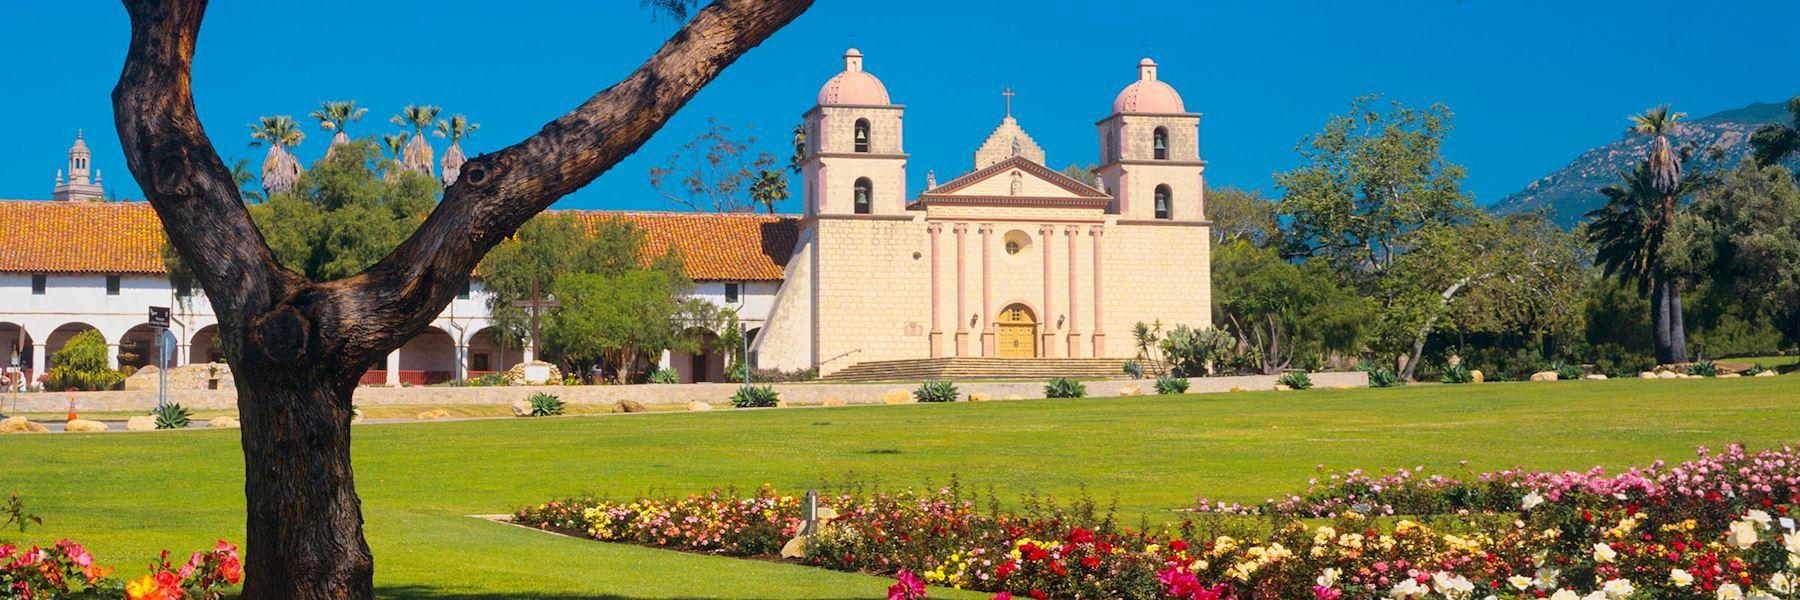 Visit santa barbara on a trip to california audley travel for Santa barbara vacation ideas